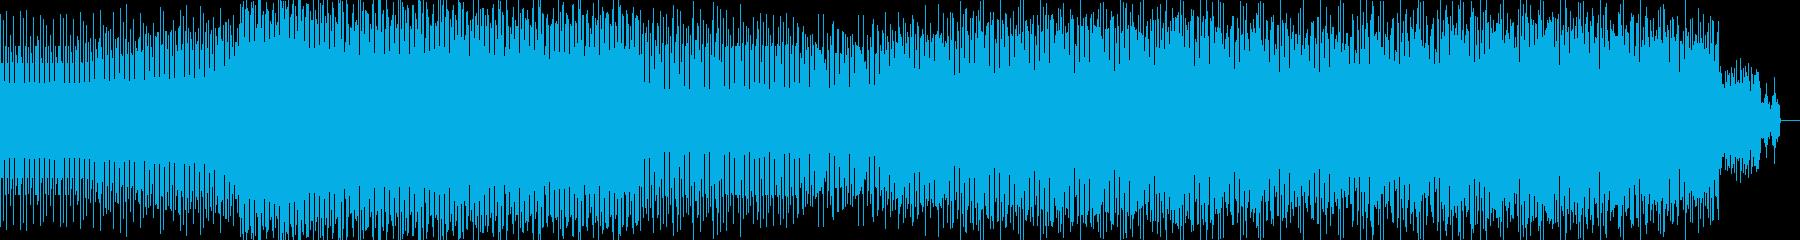 軽快な爽やかポップの再生済みの波形